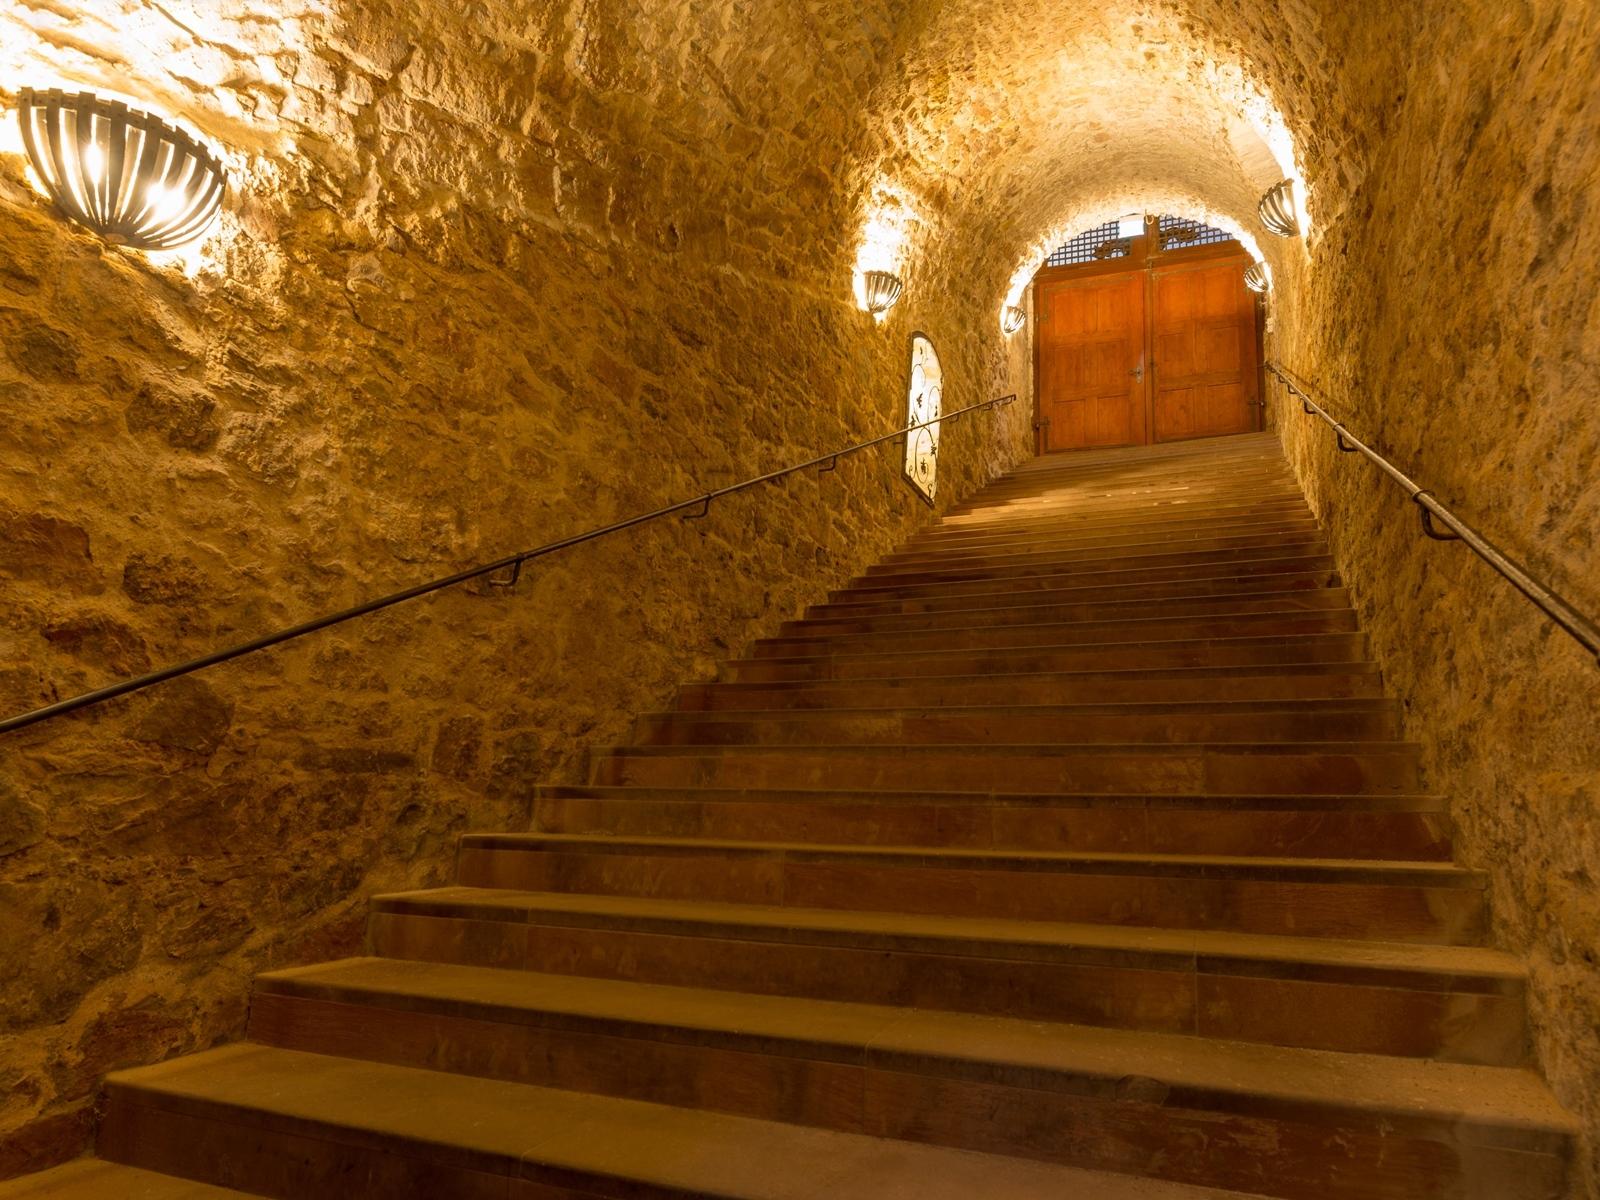 Treppenaufgang des Gewölbekellers im Winzerkeller Hammelburg, der 6 Meter unter dem Straßenniveau liegt